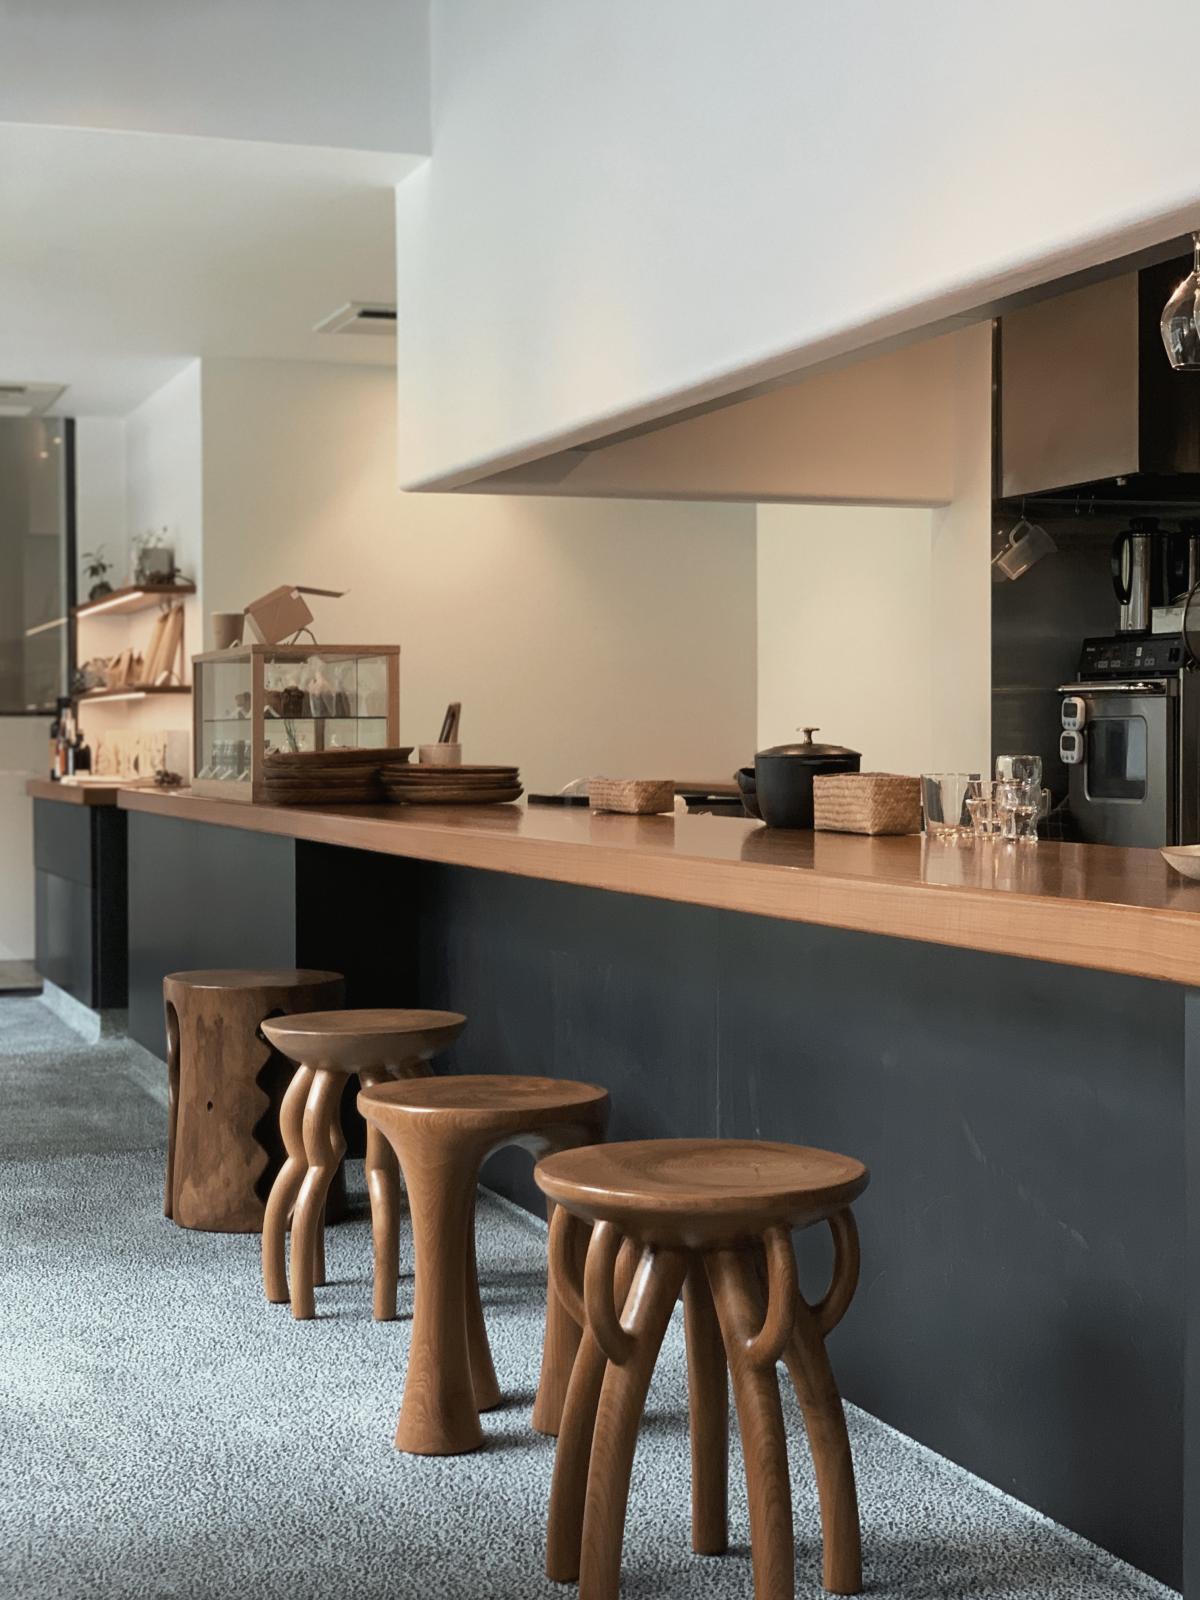 Kitchen Room Interior #425757